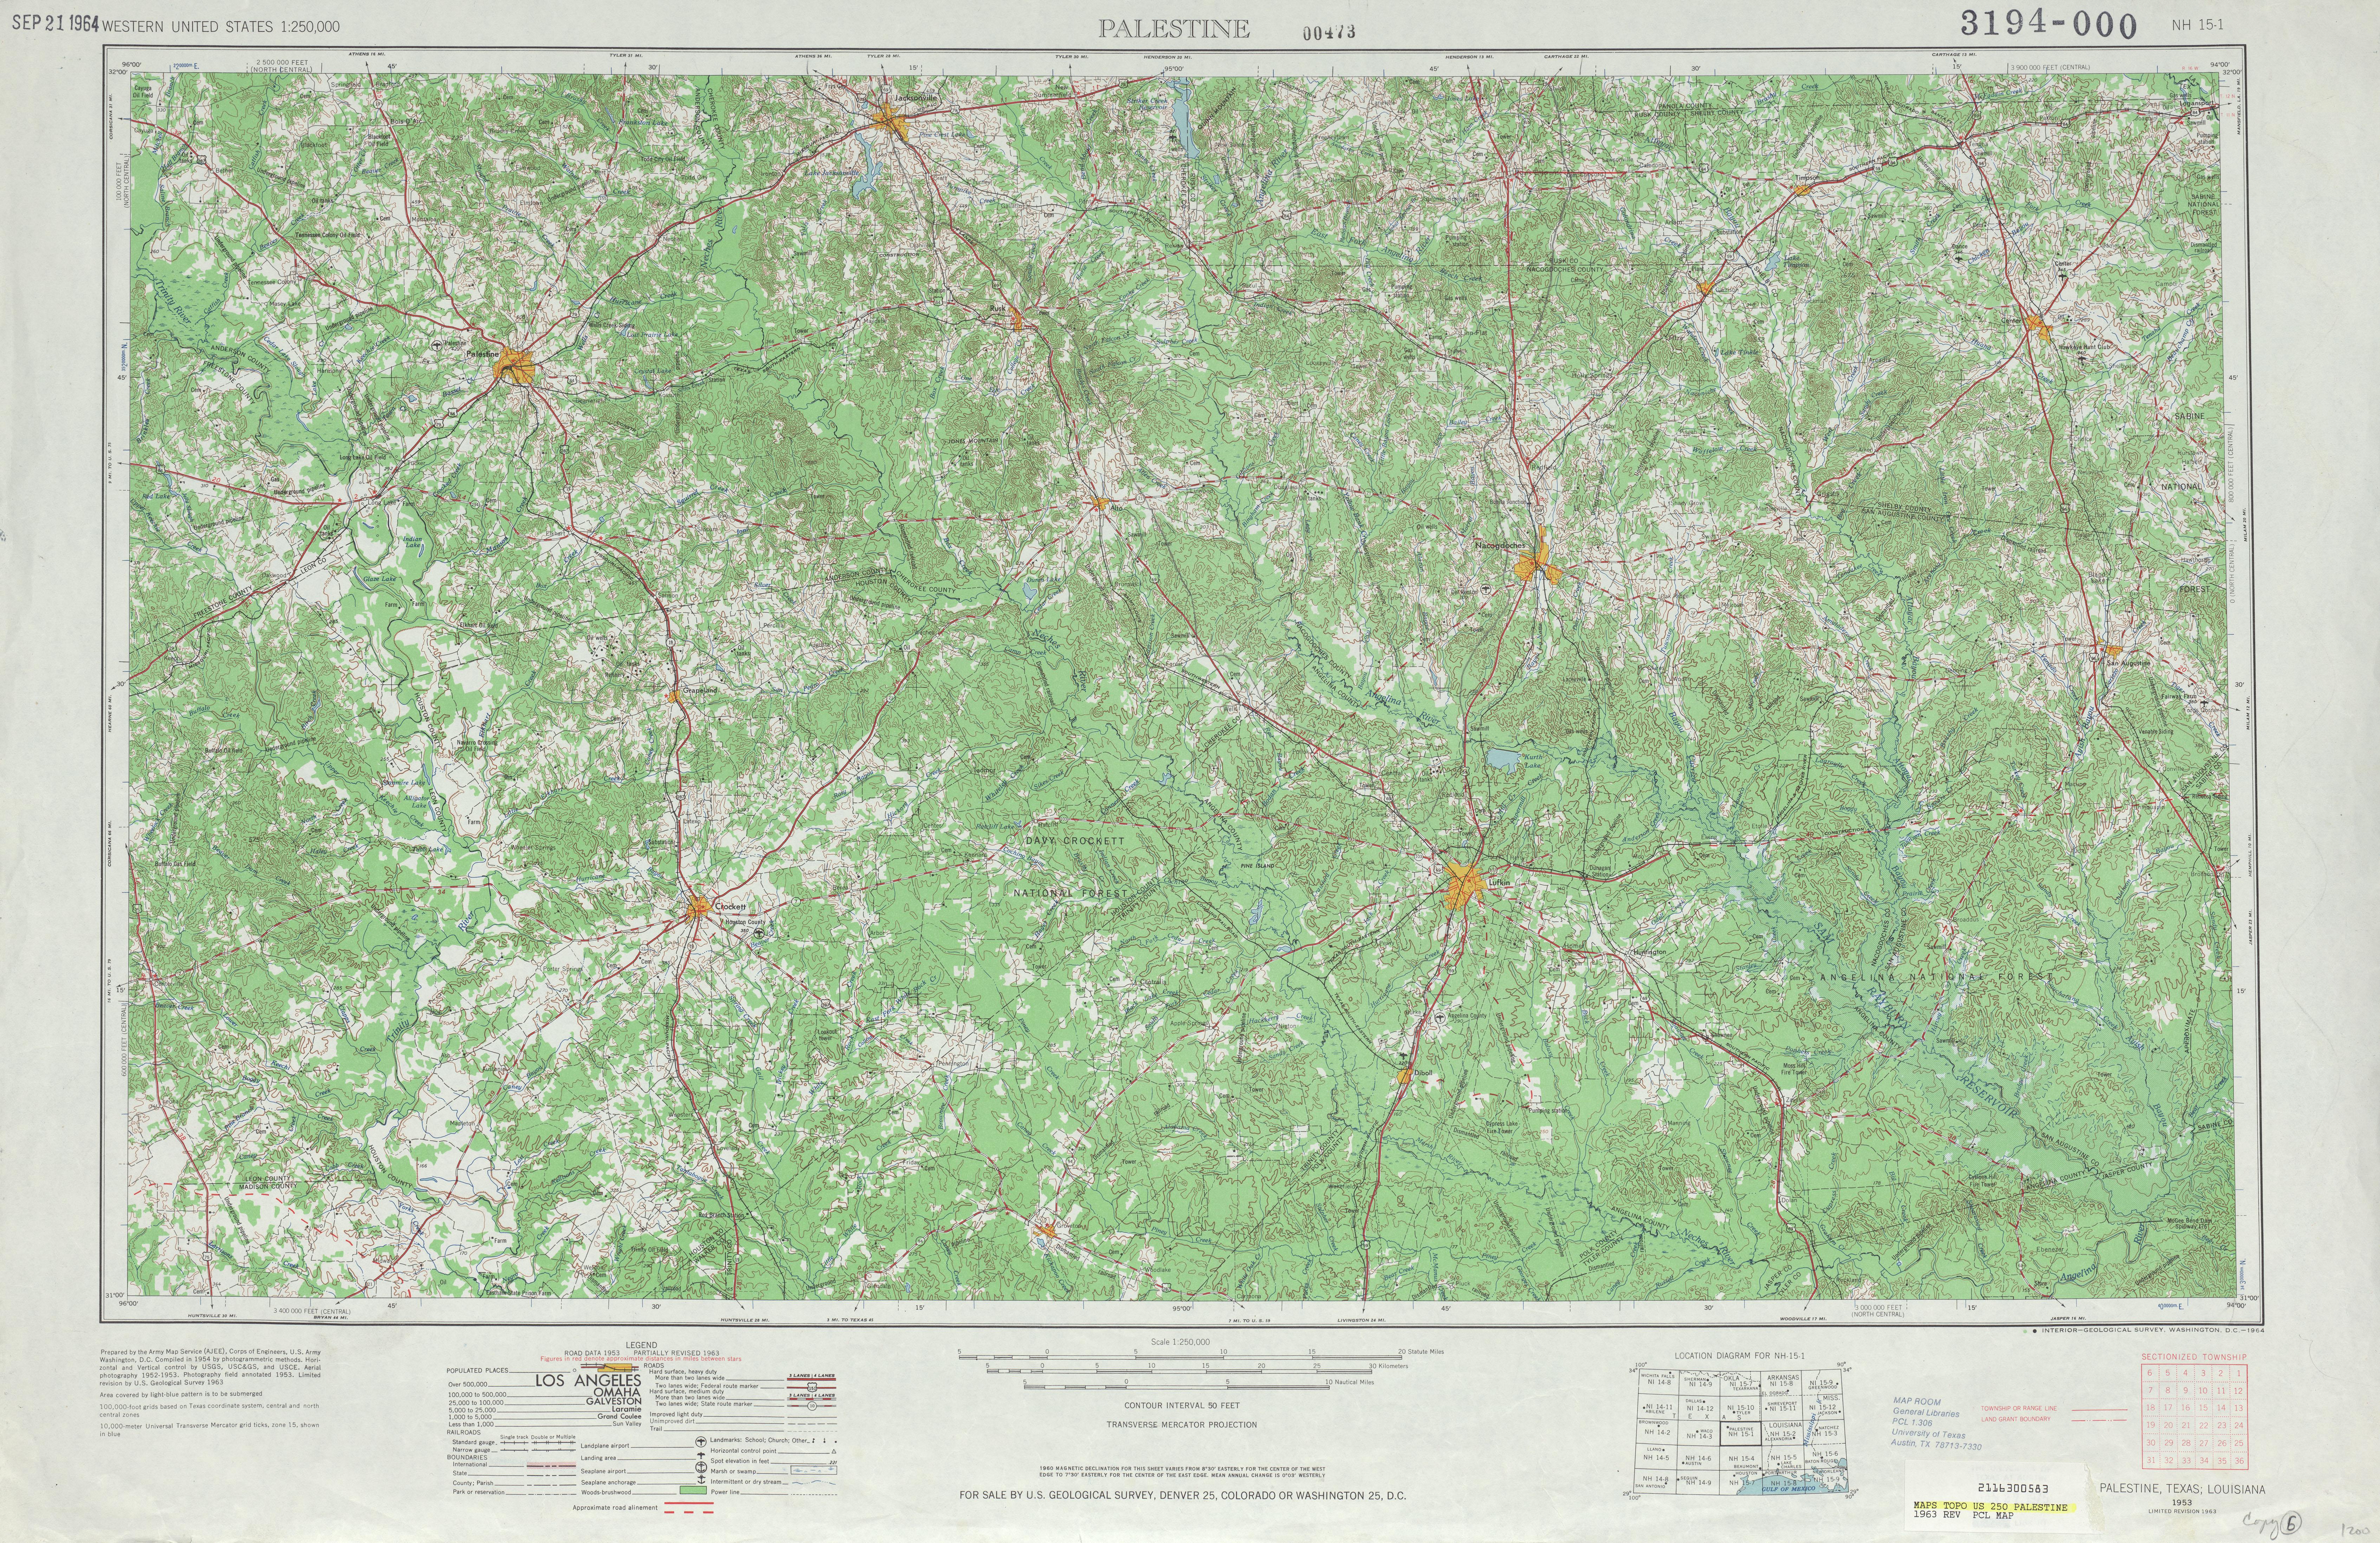 Hoja Palestina del Mapa Topográfico de los Estados Unidos 1963